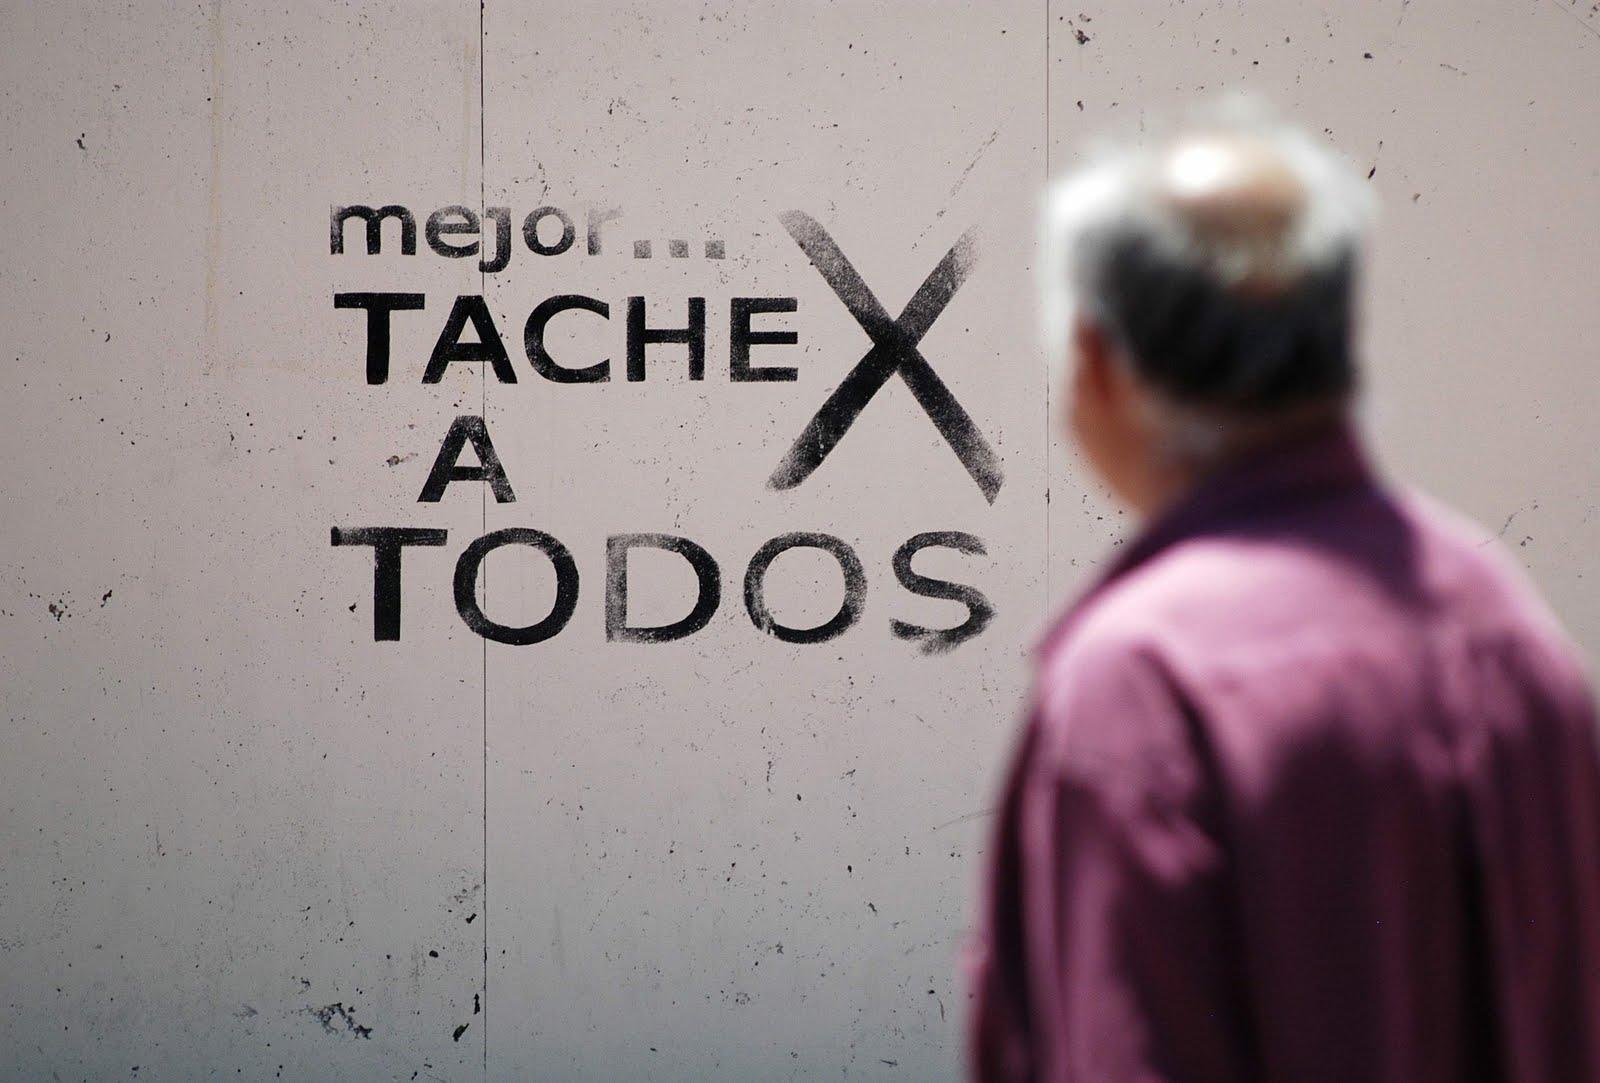 voto_nulo_mexico.jpg